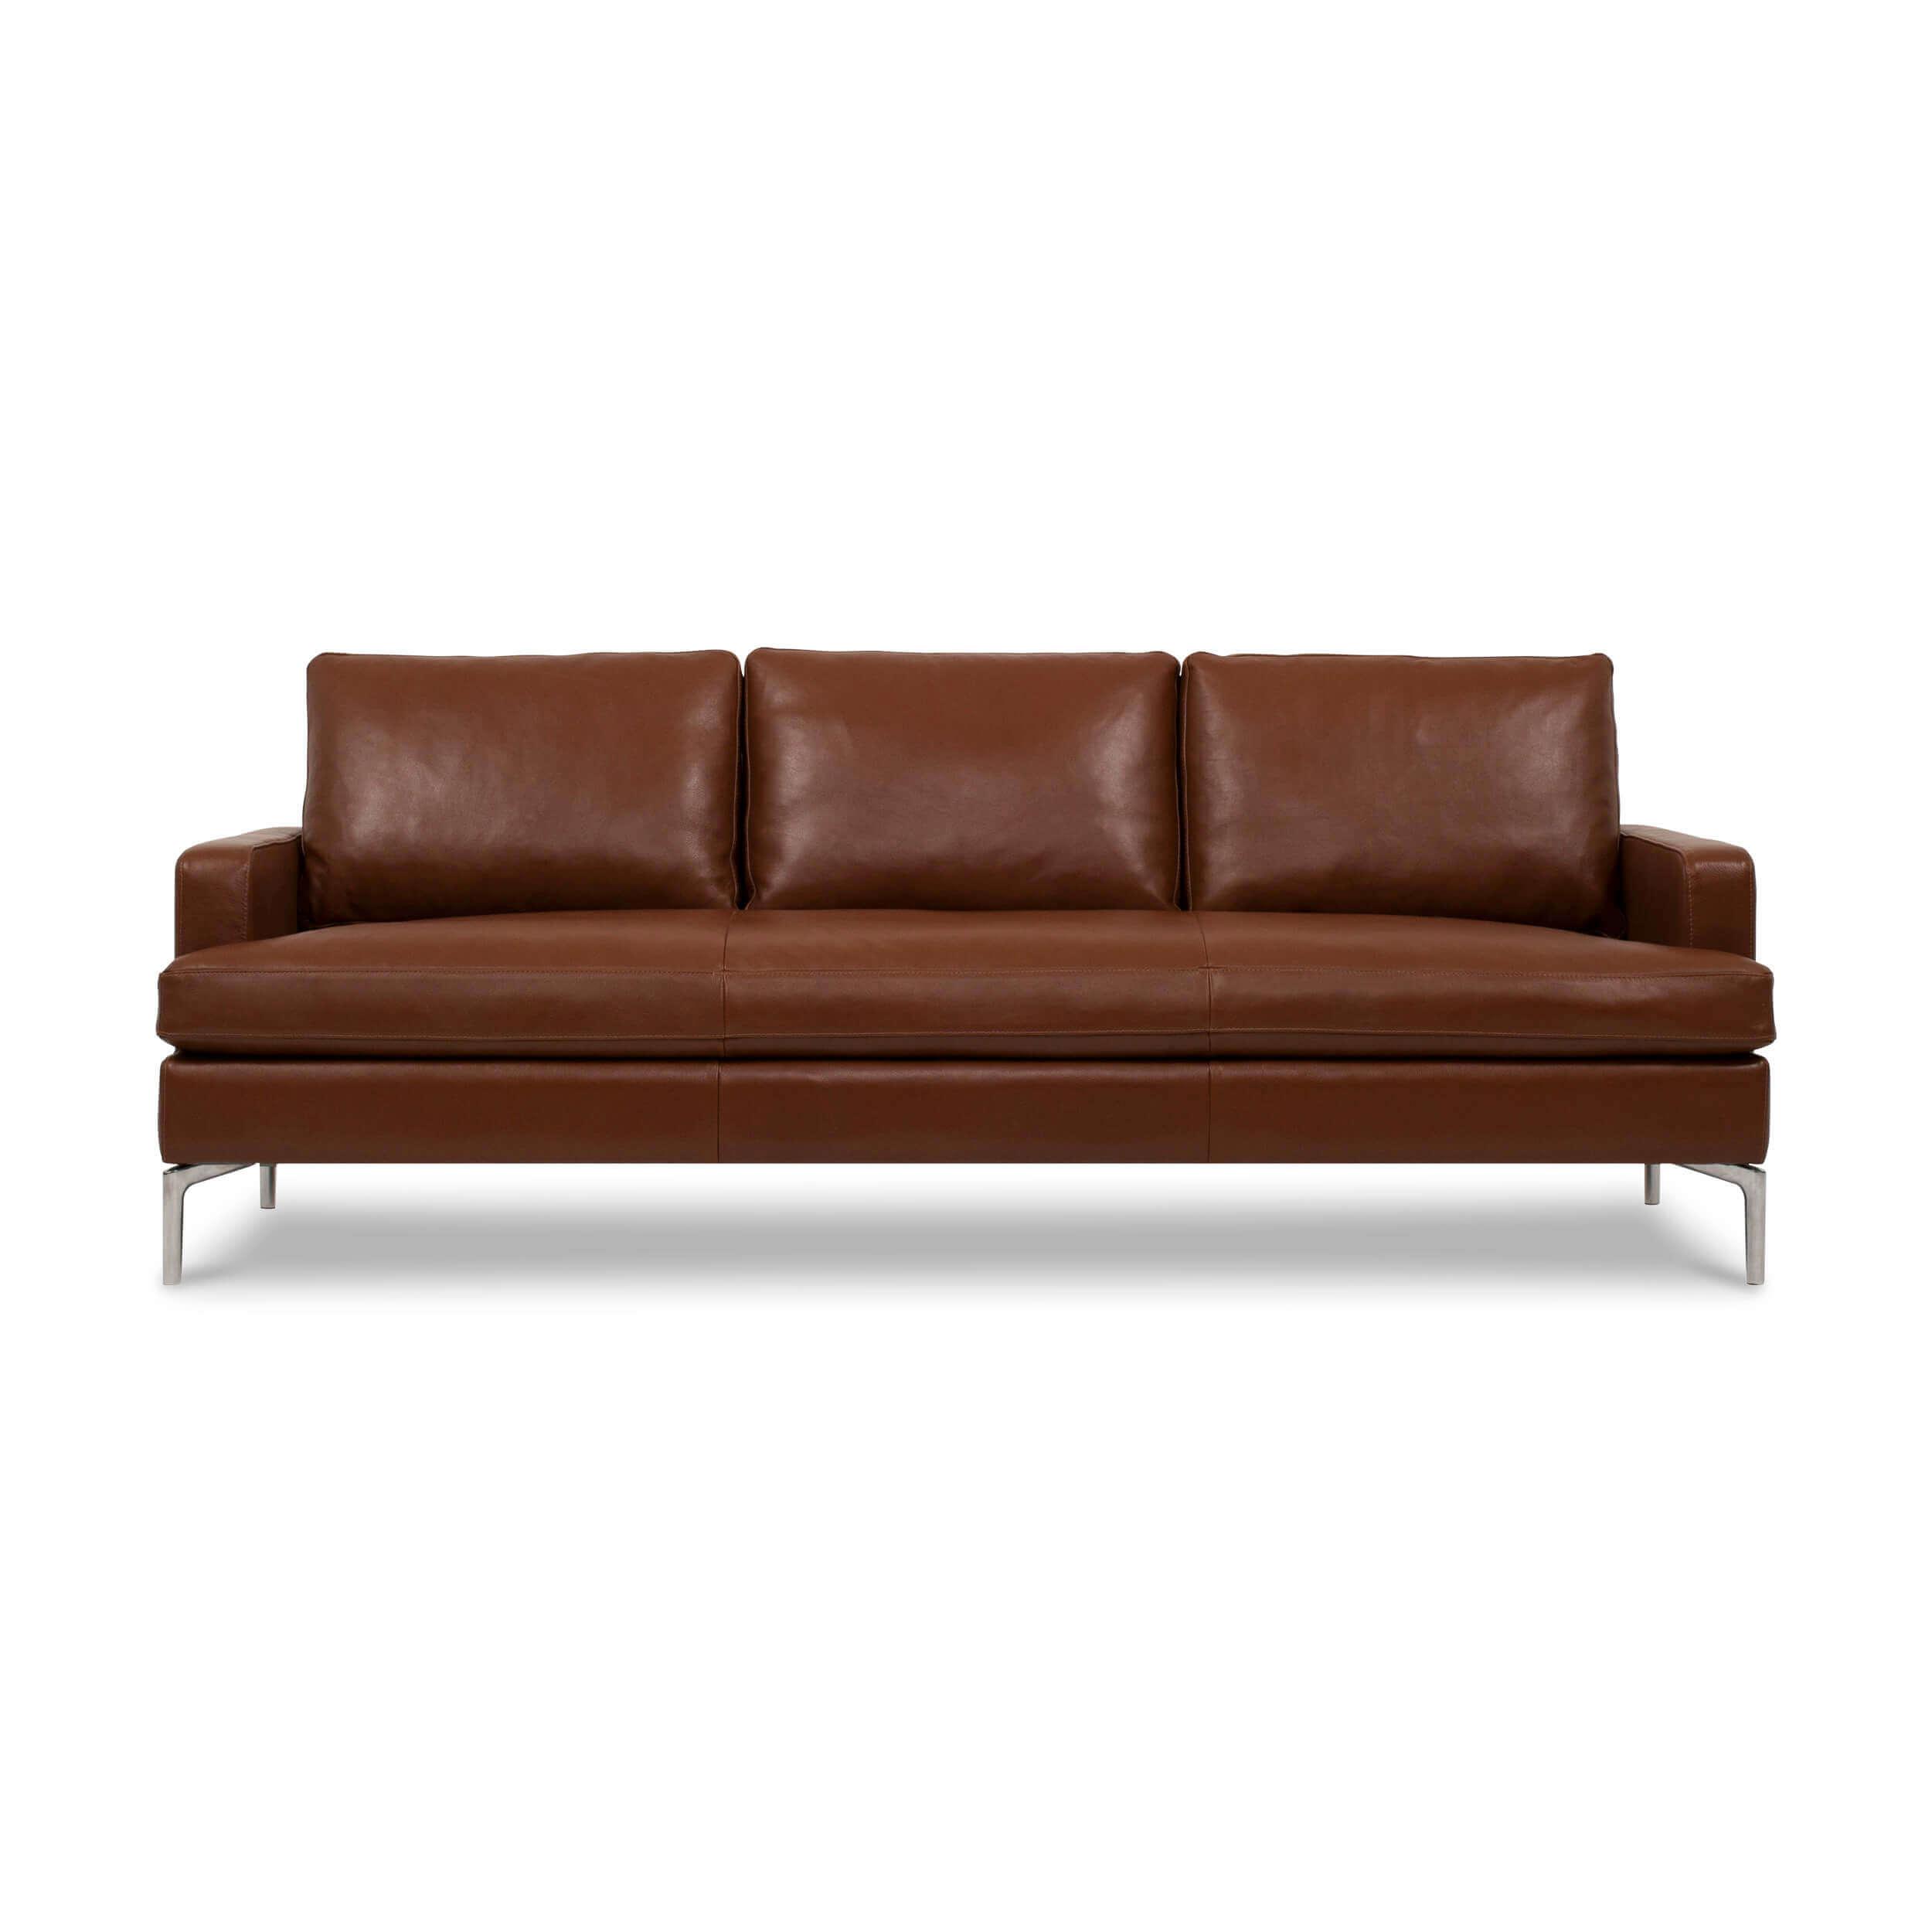 Eve Classic Sofa - Leather